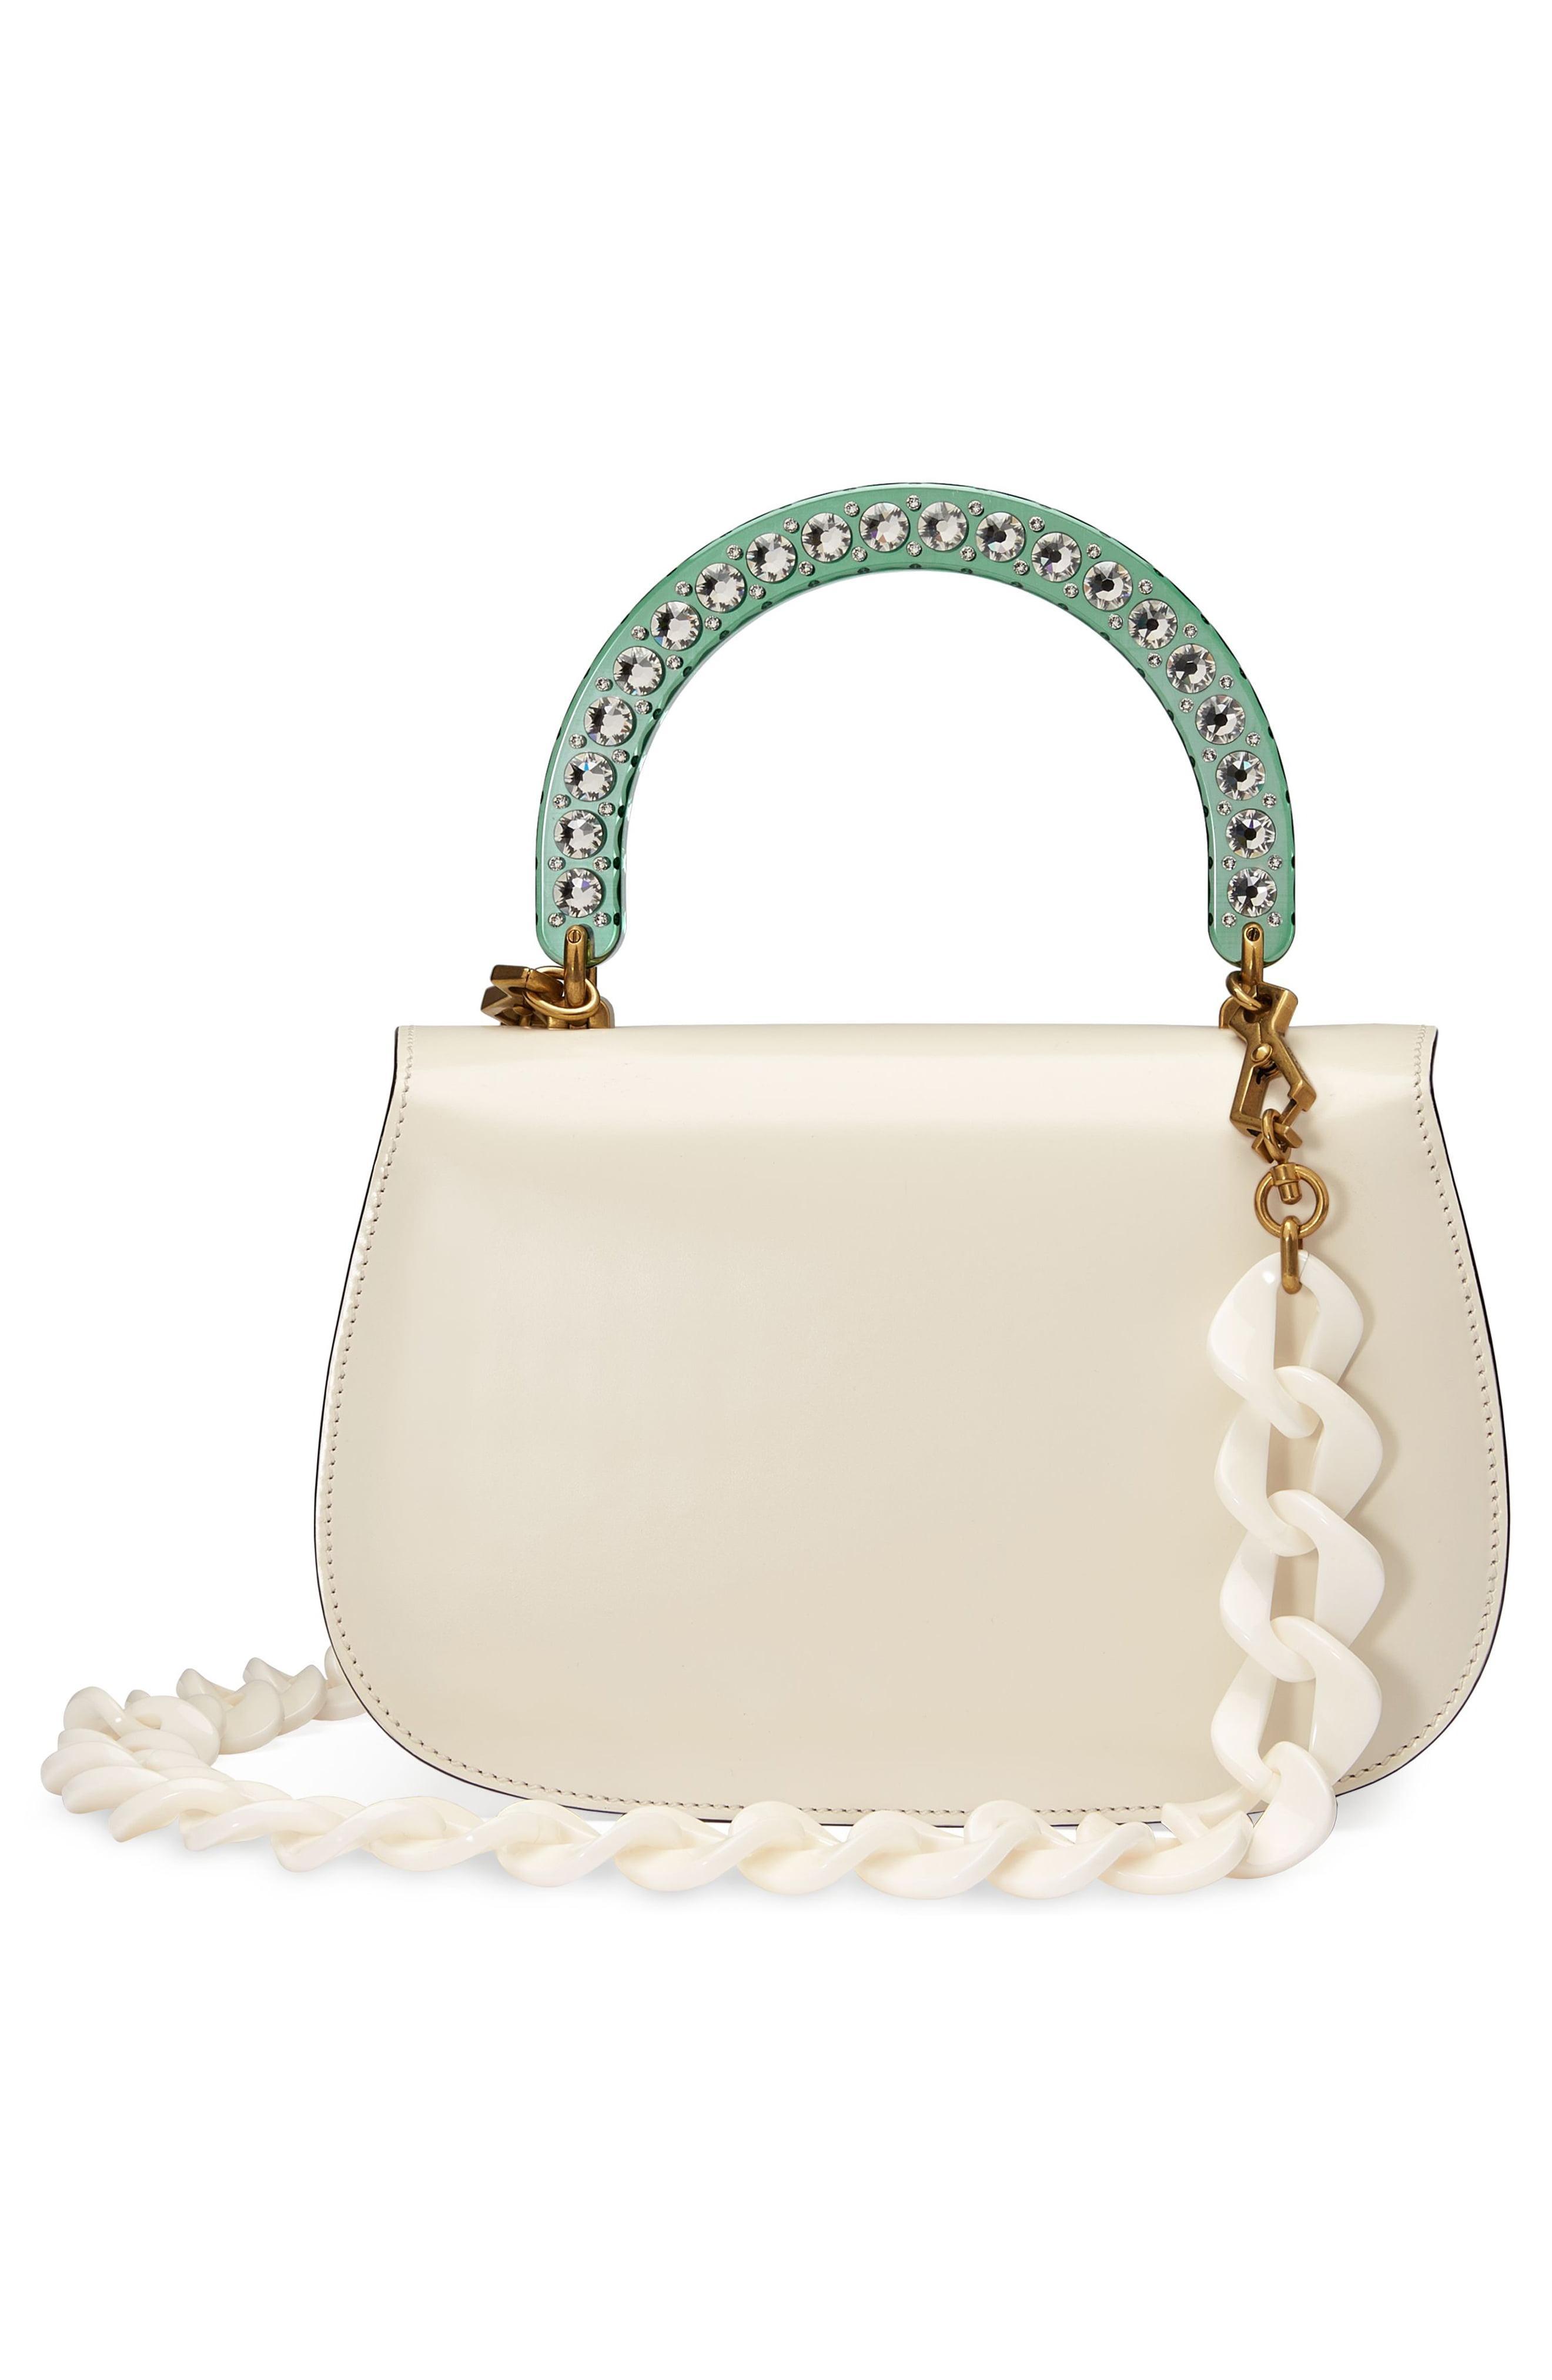 9ed5814afc2 Gucci - Green Medium Classic 2 Top Handle Shoulder Bag - - Lyst. View  fullscreen